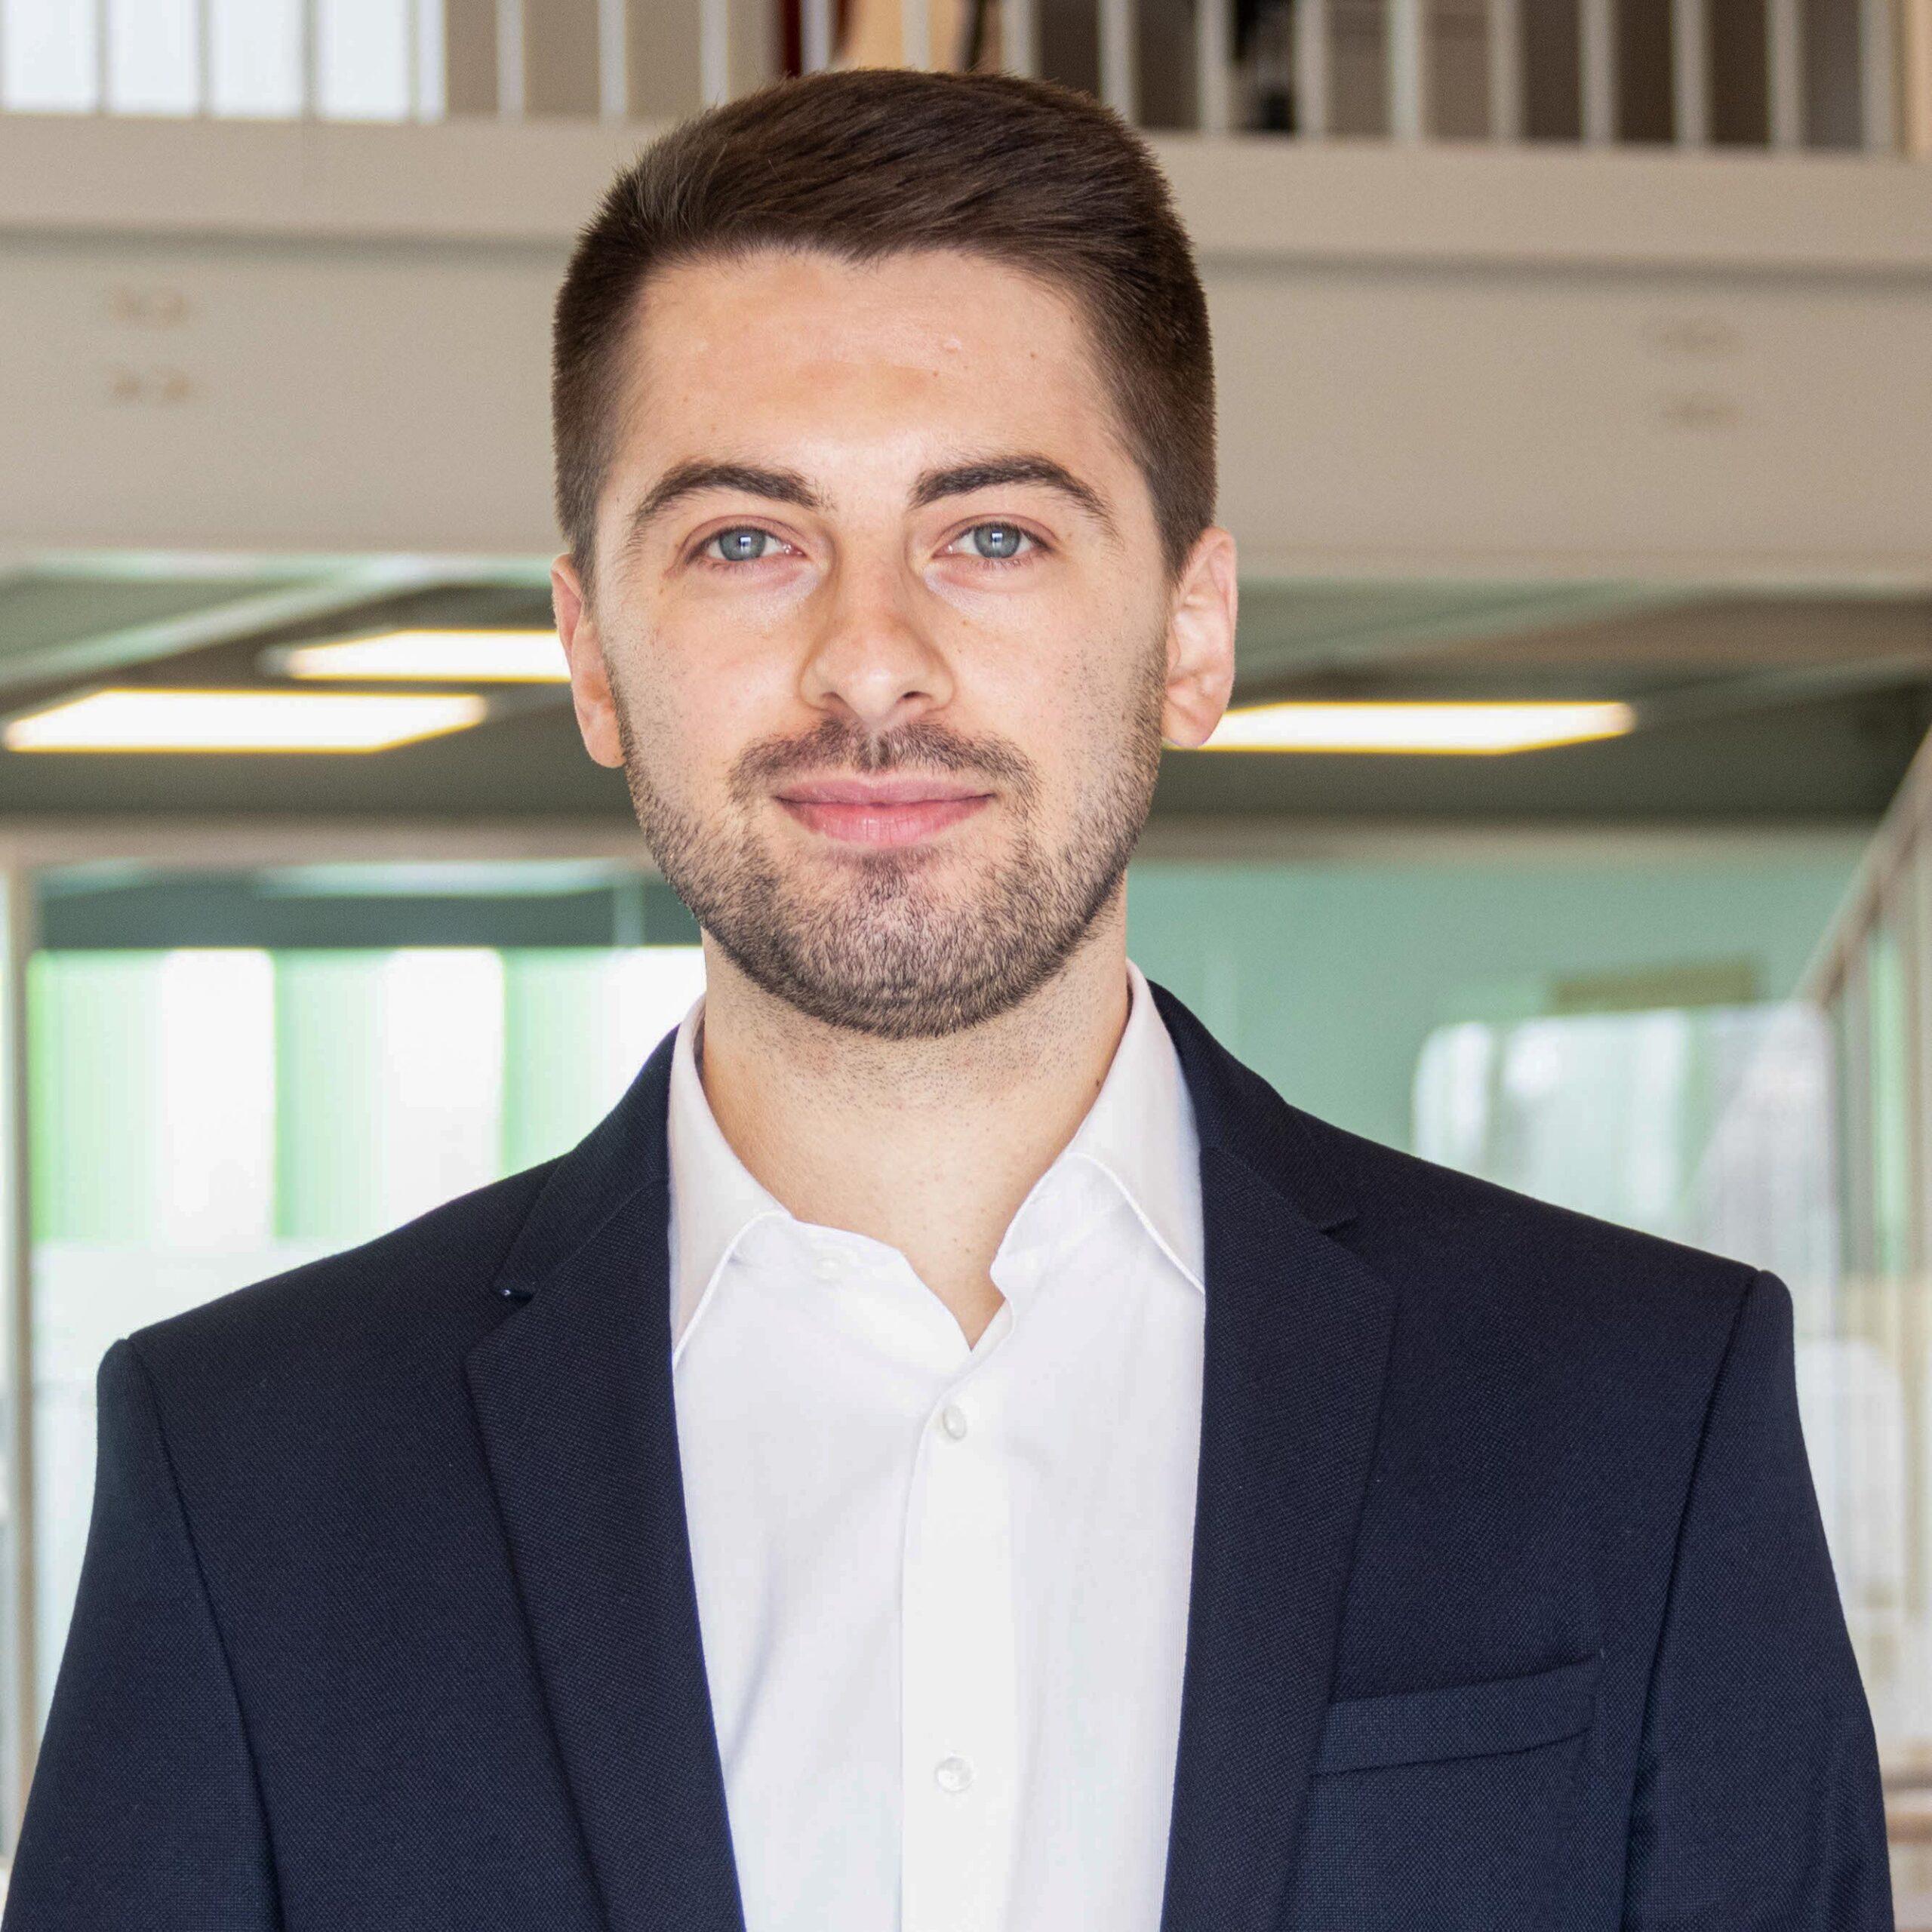 Matteo Graziano